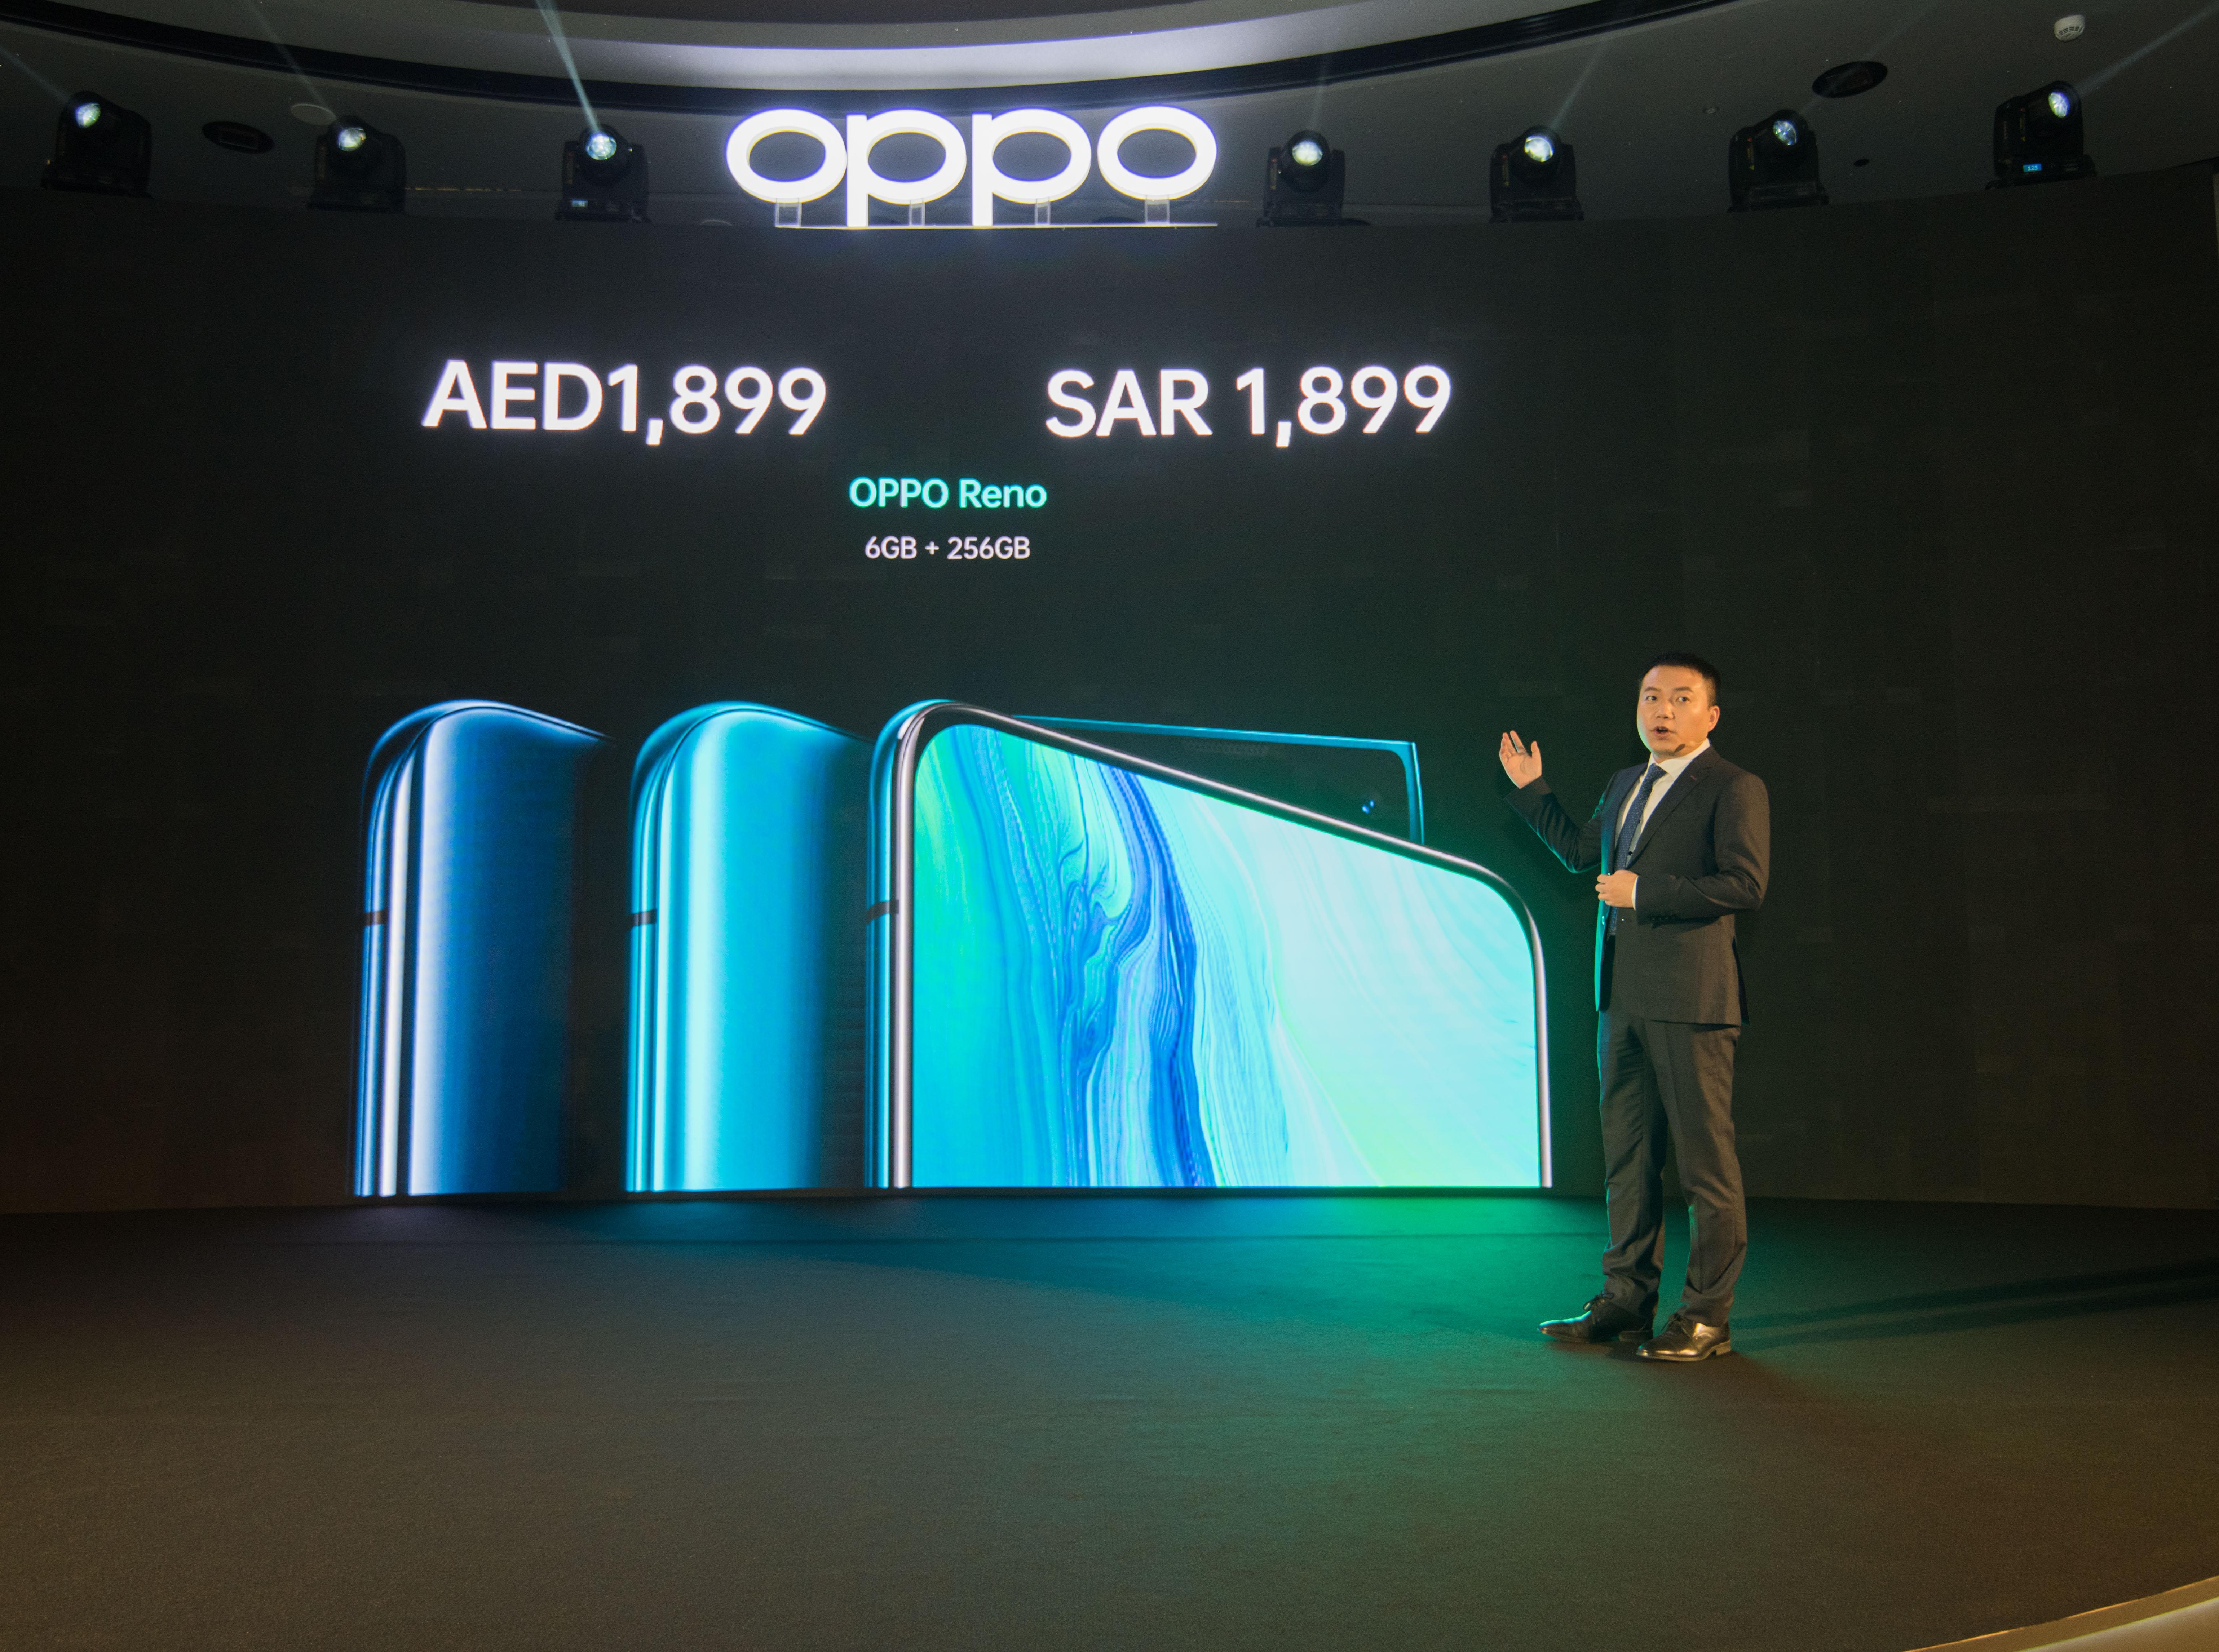 سعر هاتف OPPO Reno 10x Zoom في الإمارات والمملكة العربية السعودية